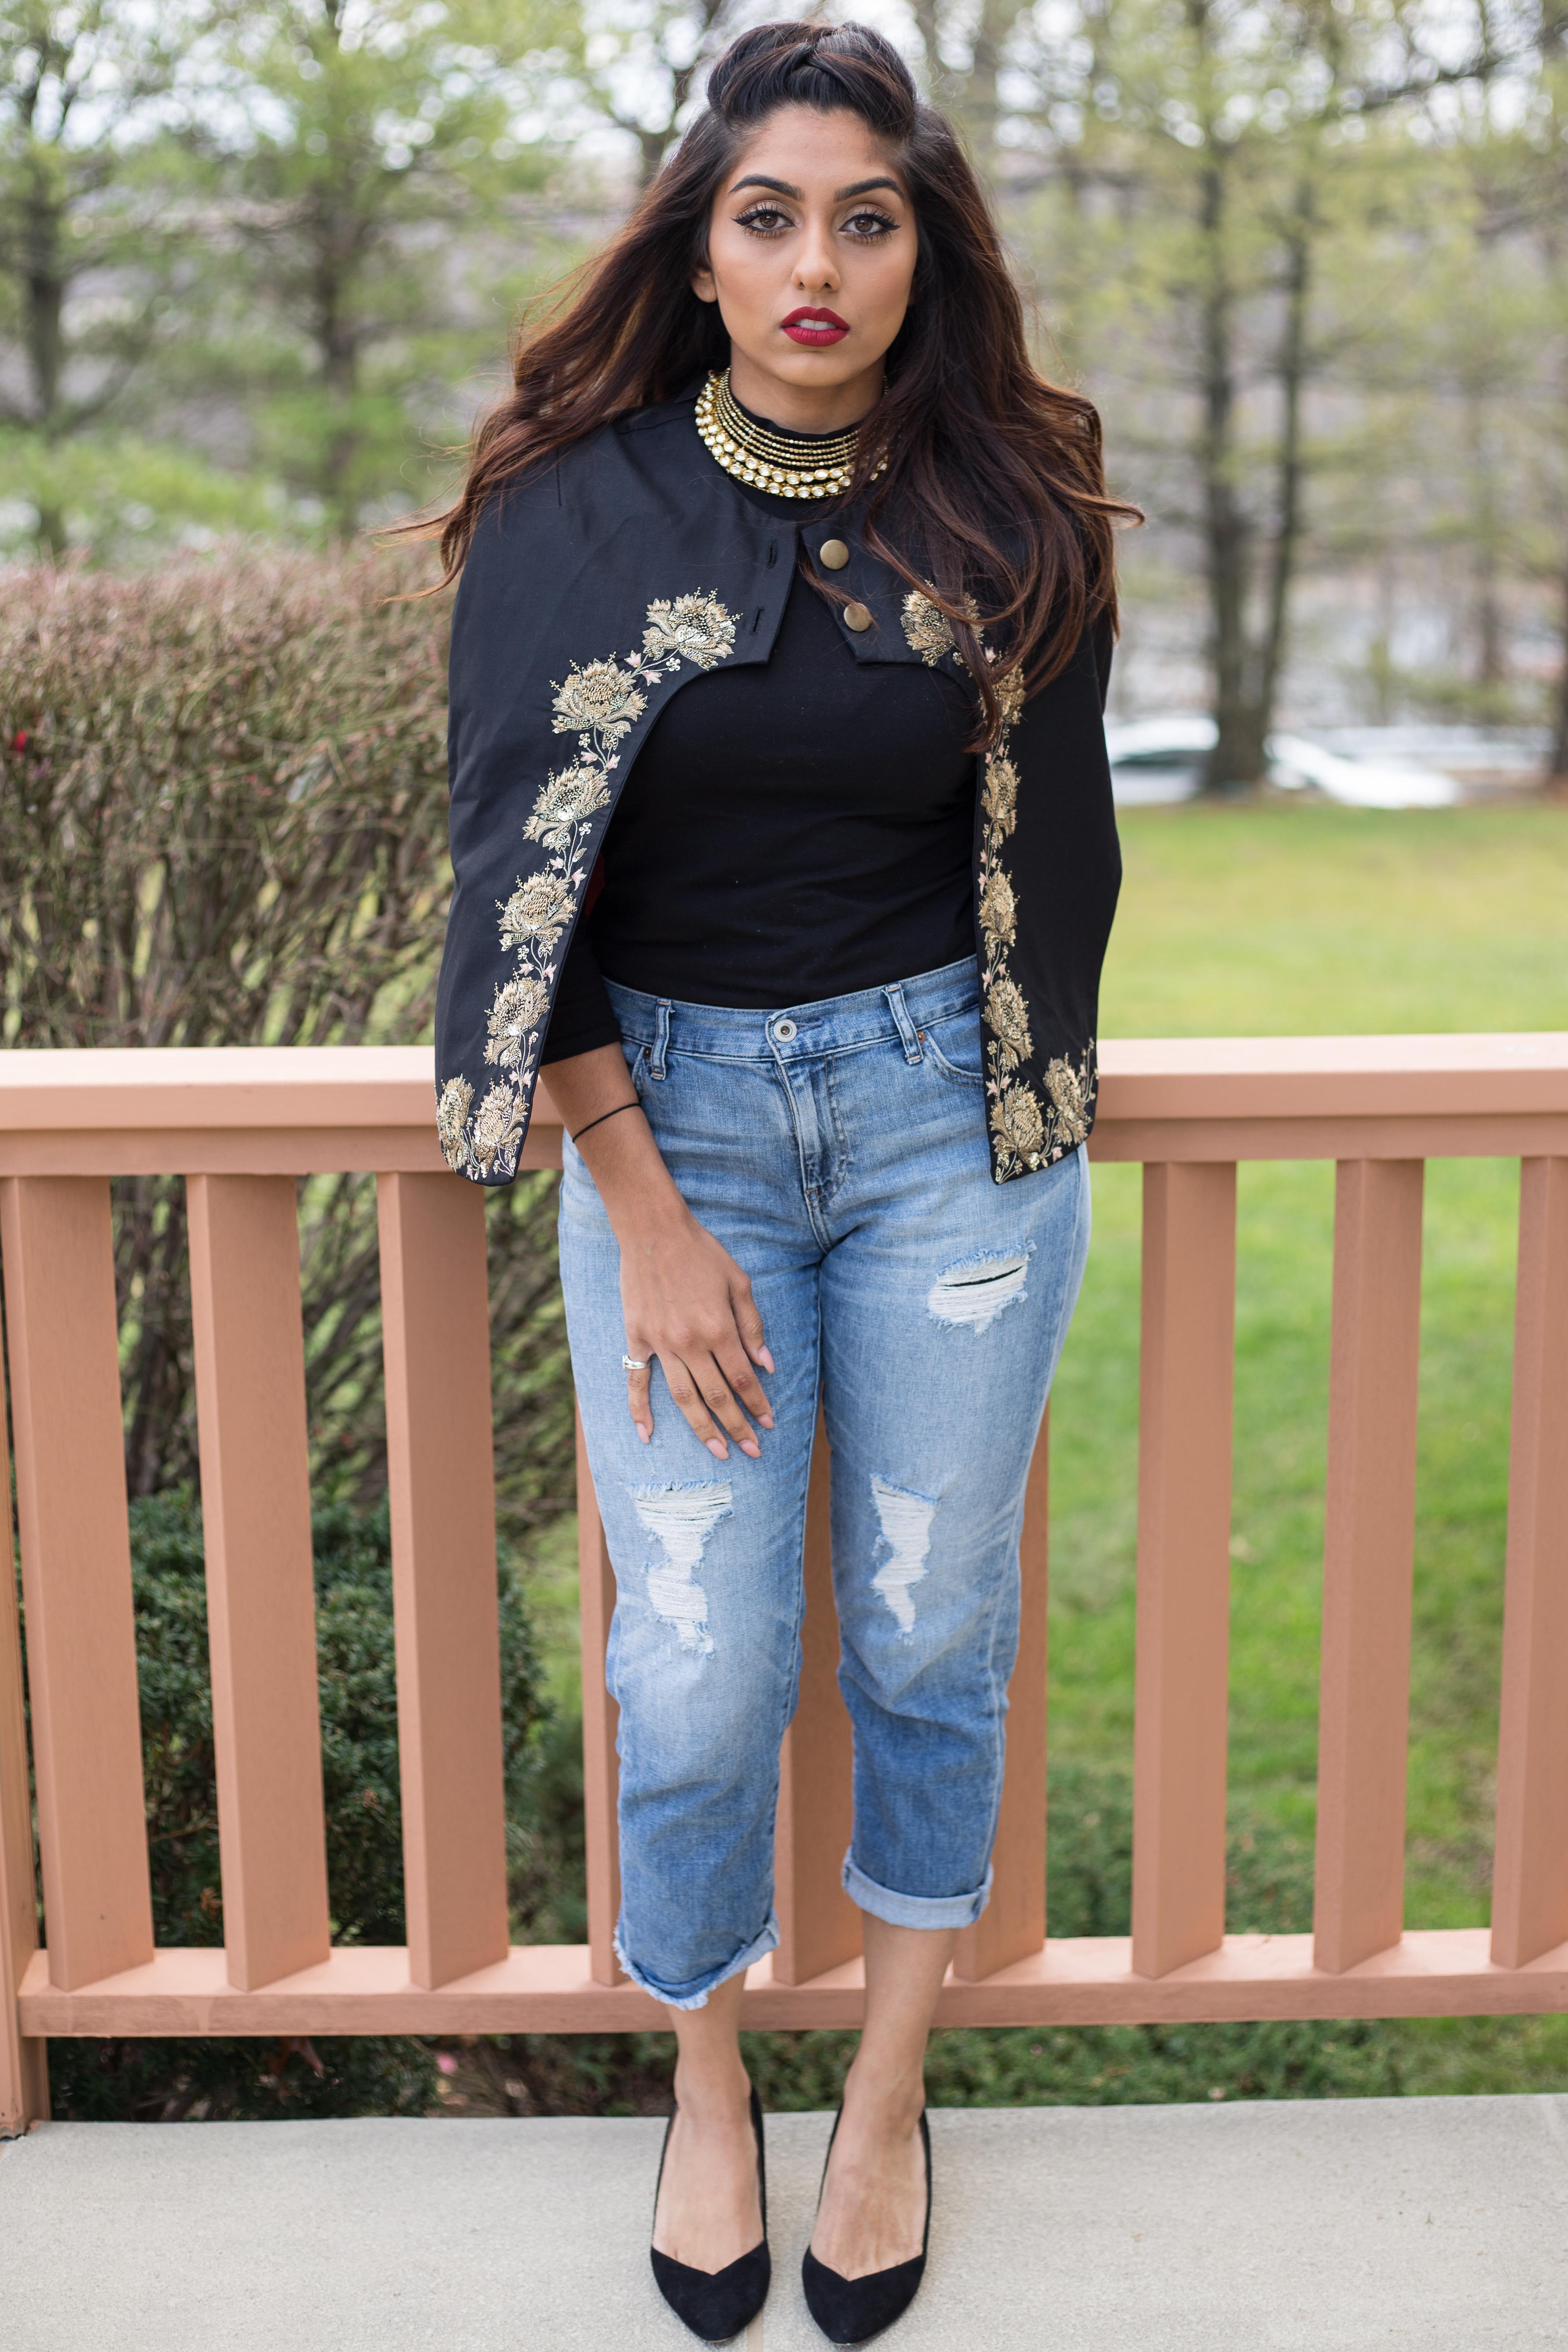 Hipster femme fashion designs - Look hipster femme ...